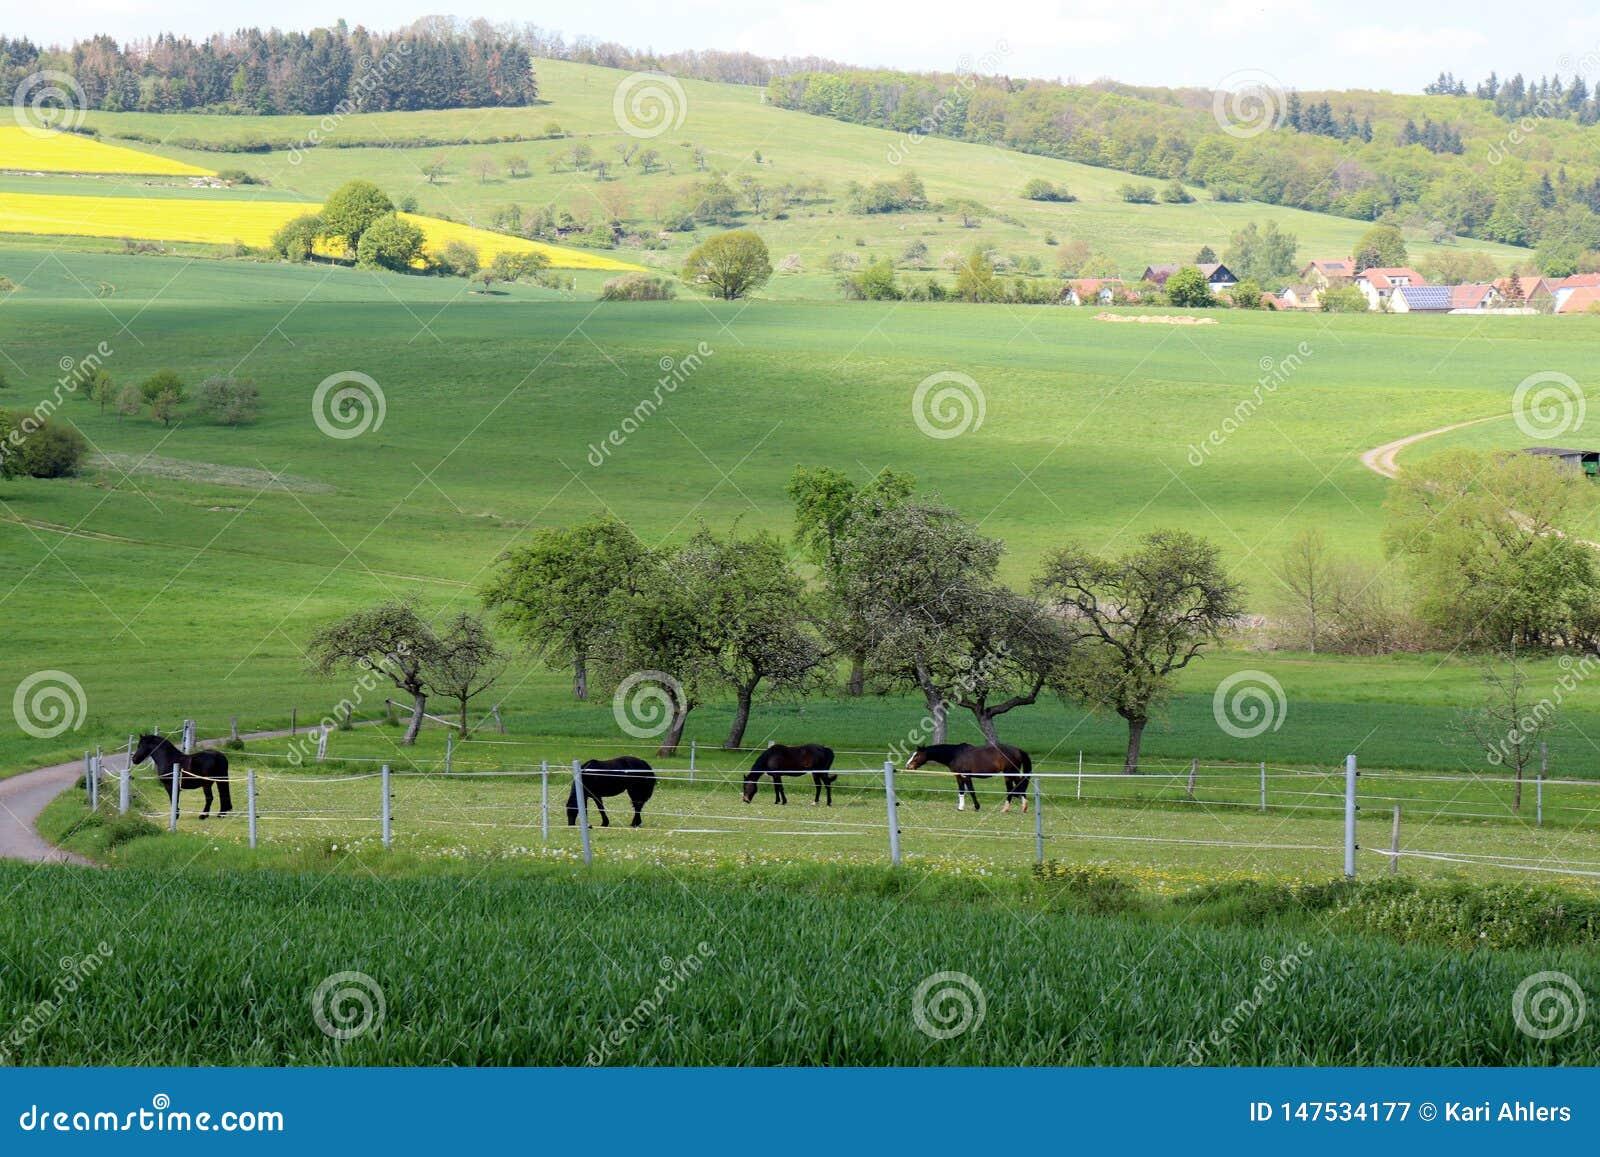 Άλογα που βόσκουν σε ένα λιβάδι στη Γερμανία